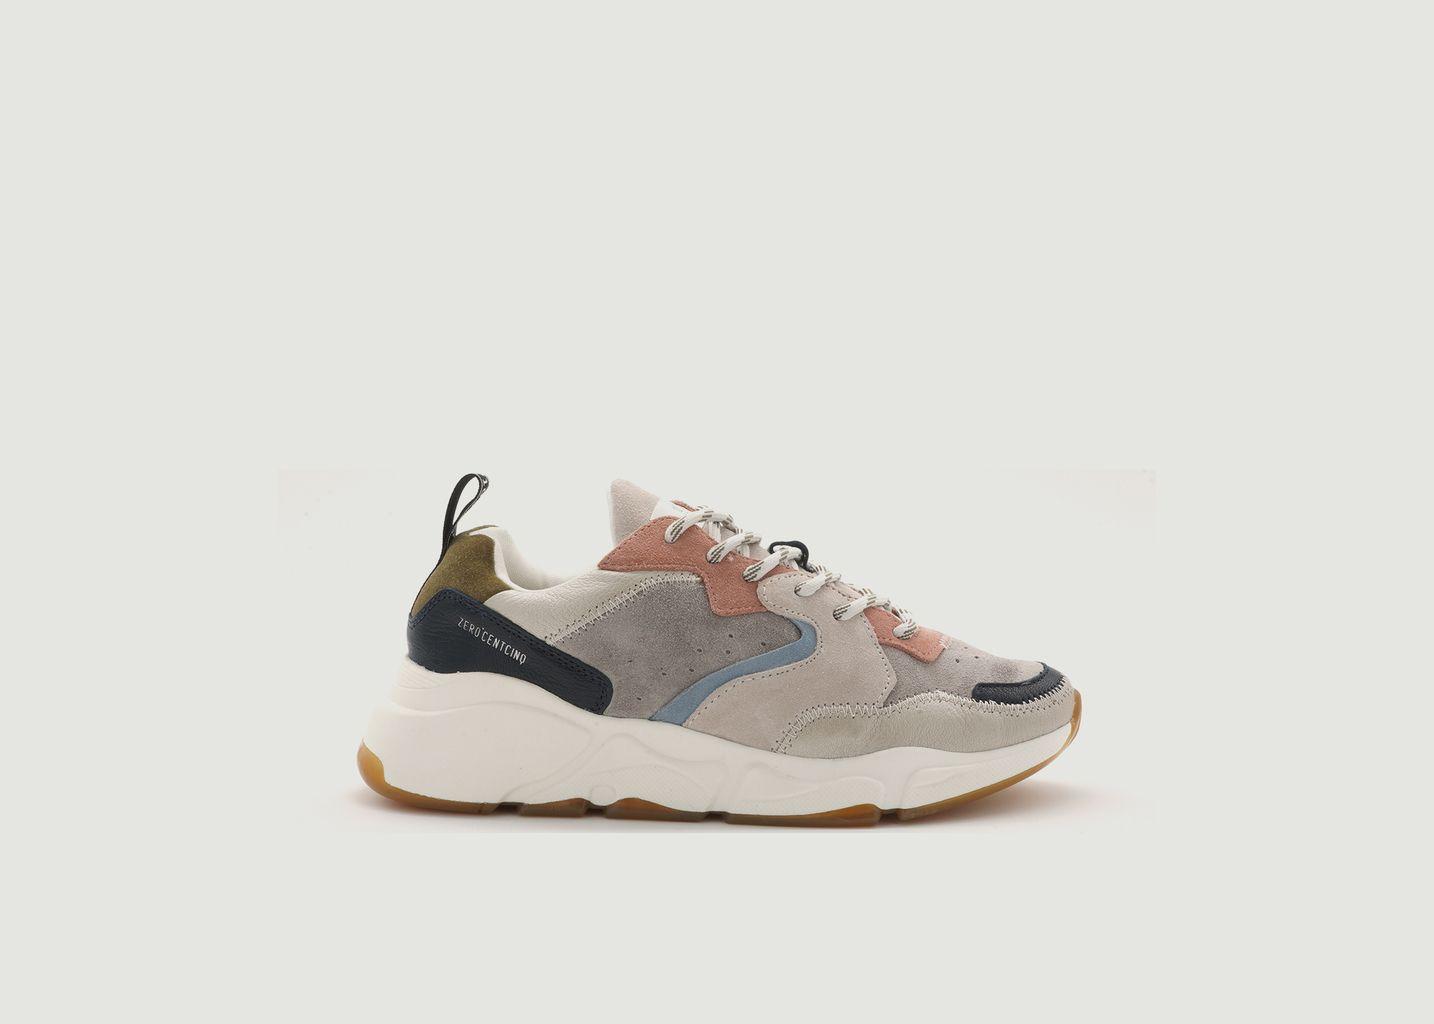 Sneakers de running en cuir Onix - 0-105